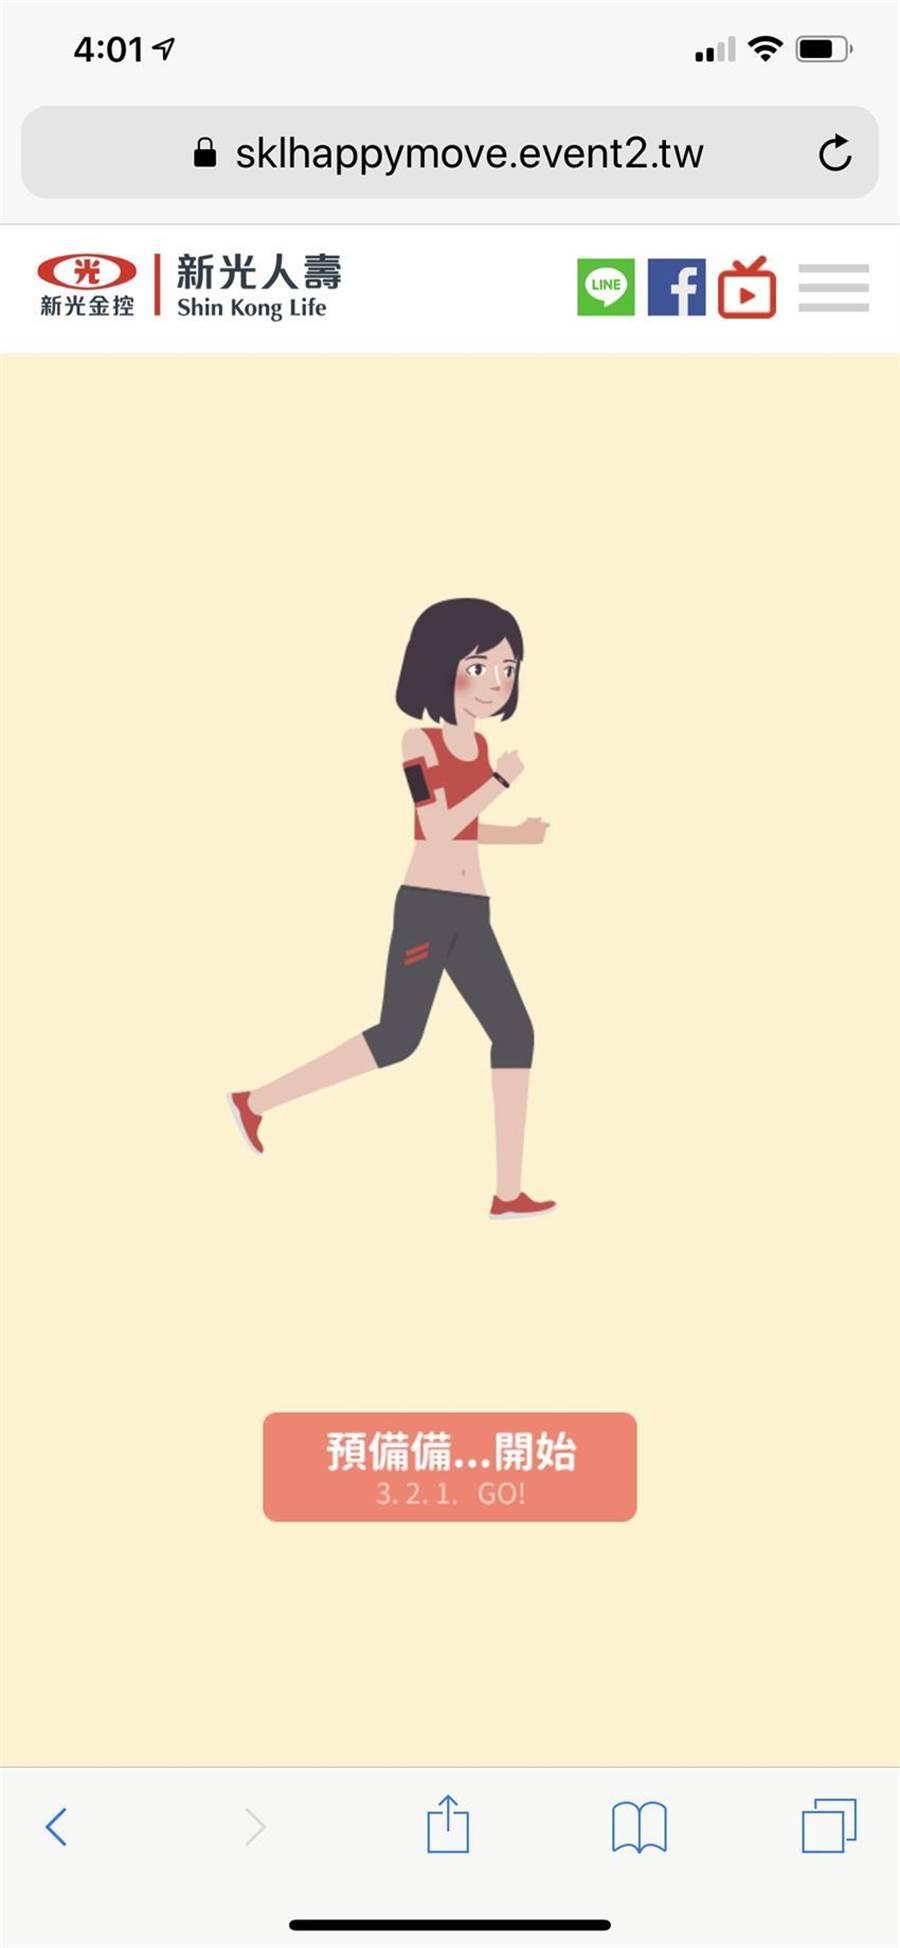 新光人壽推出網上跑步電玩遊戲,讓保戶邊玩邊學健康觀念。